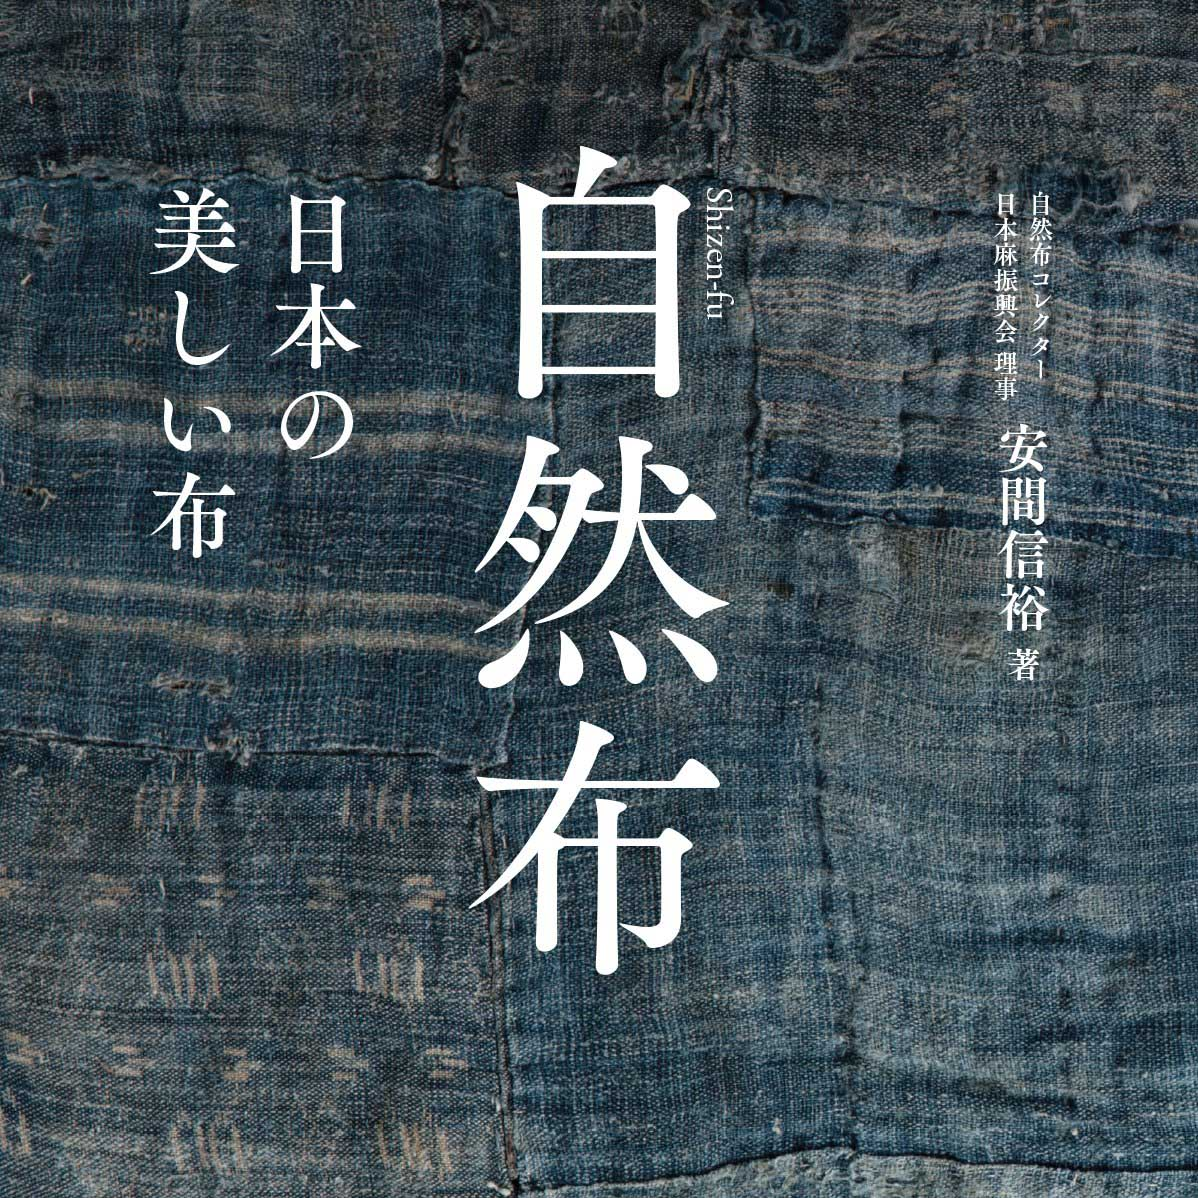 自然布 日本の美しい布 大麻布